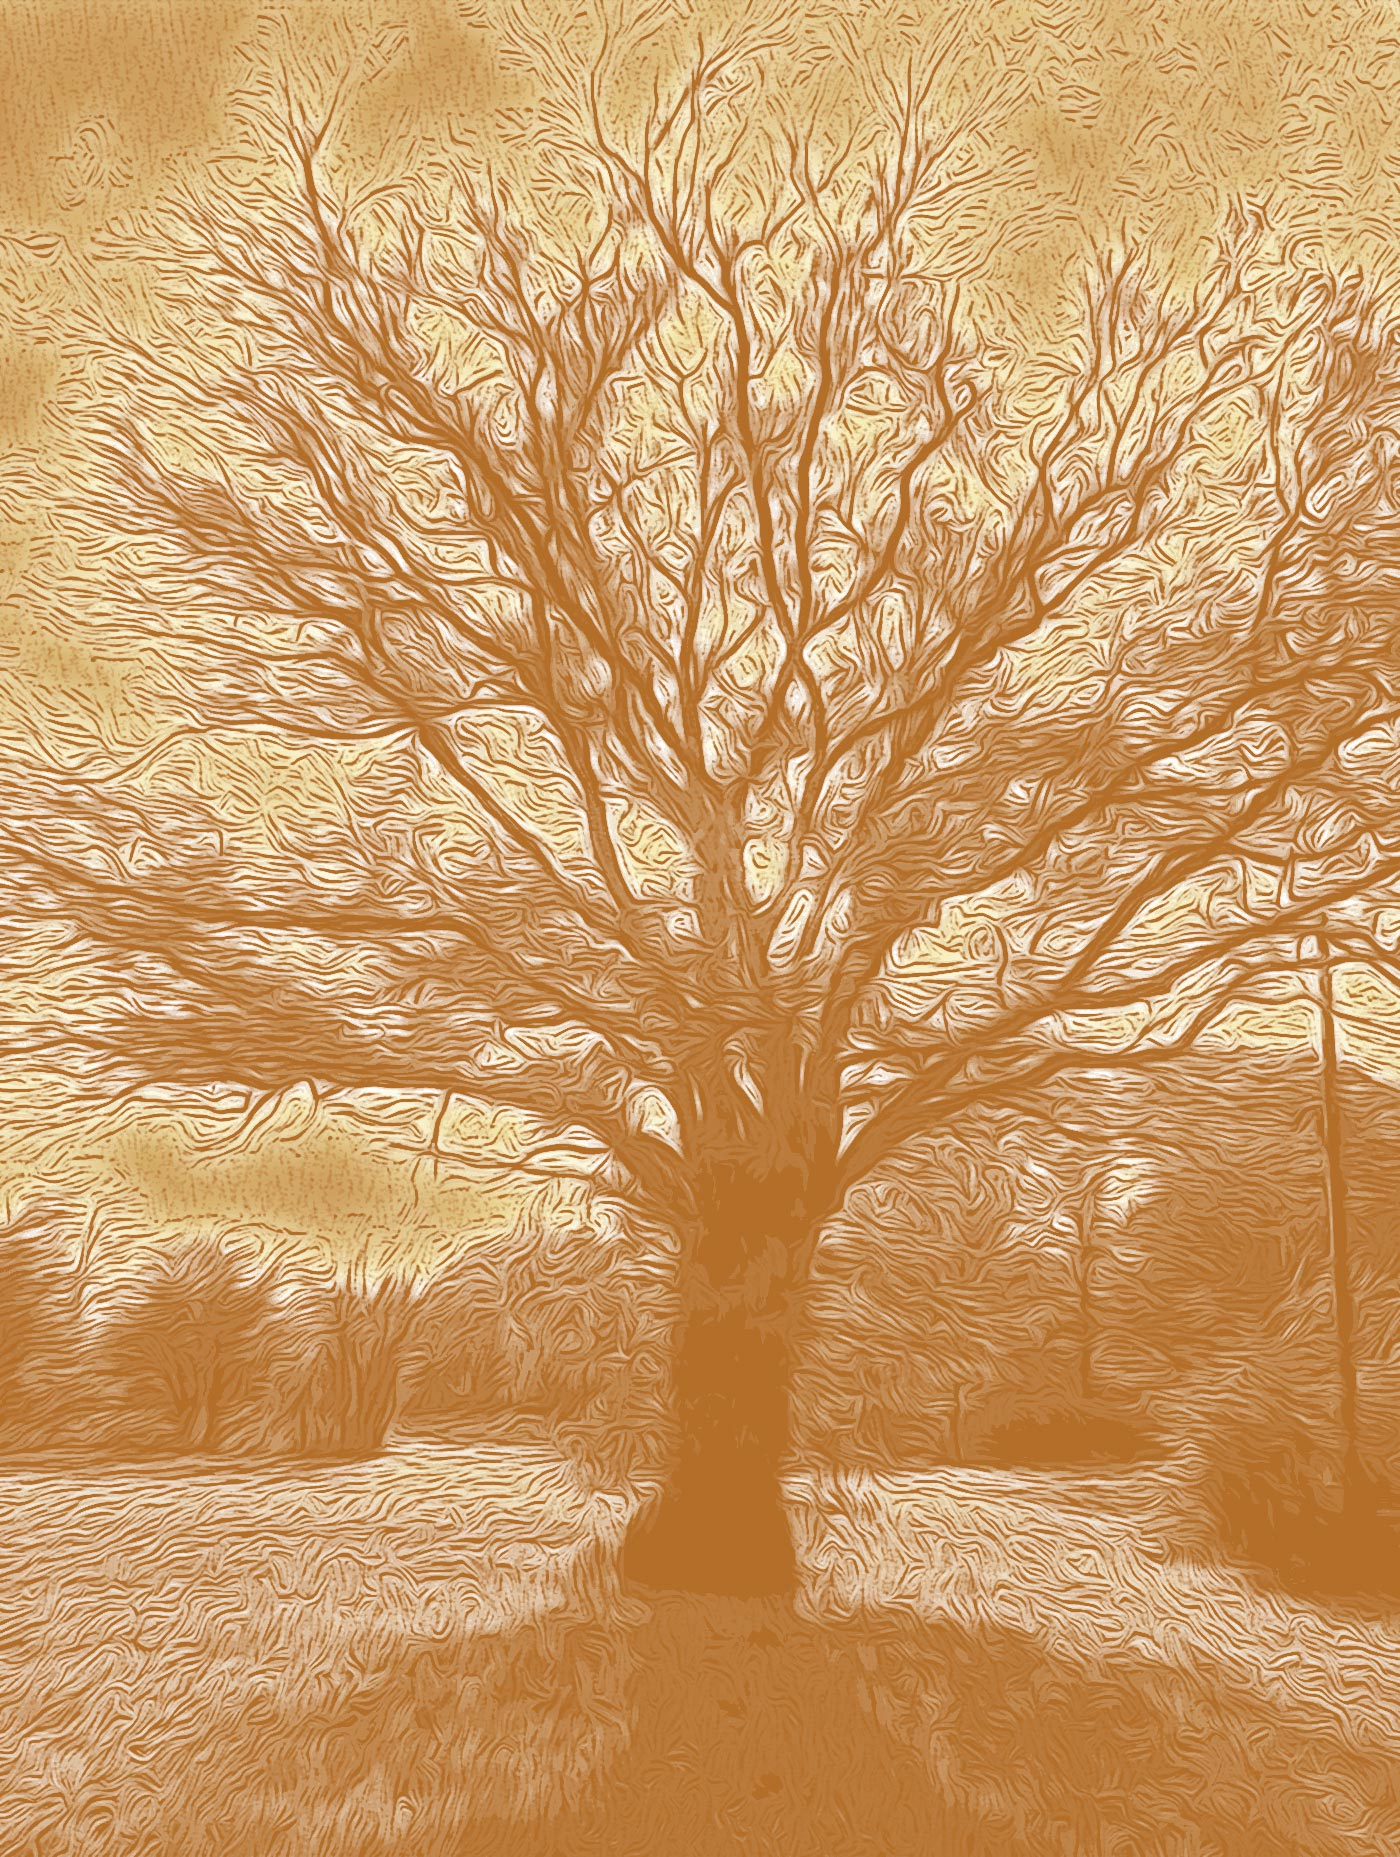 Ilustración gratis - El árbol francés